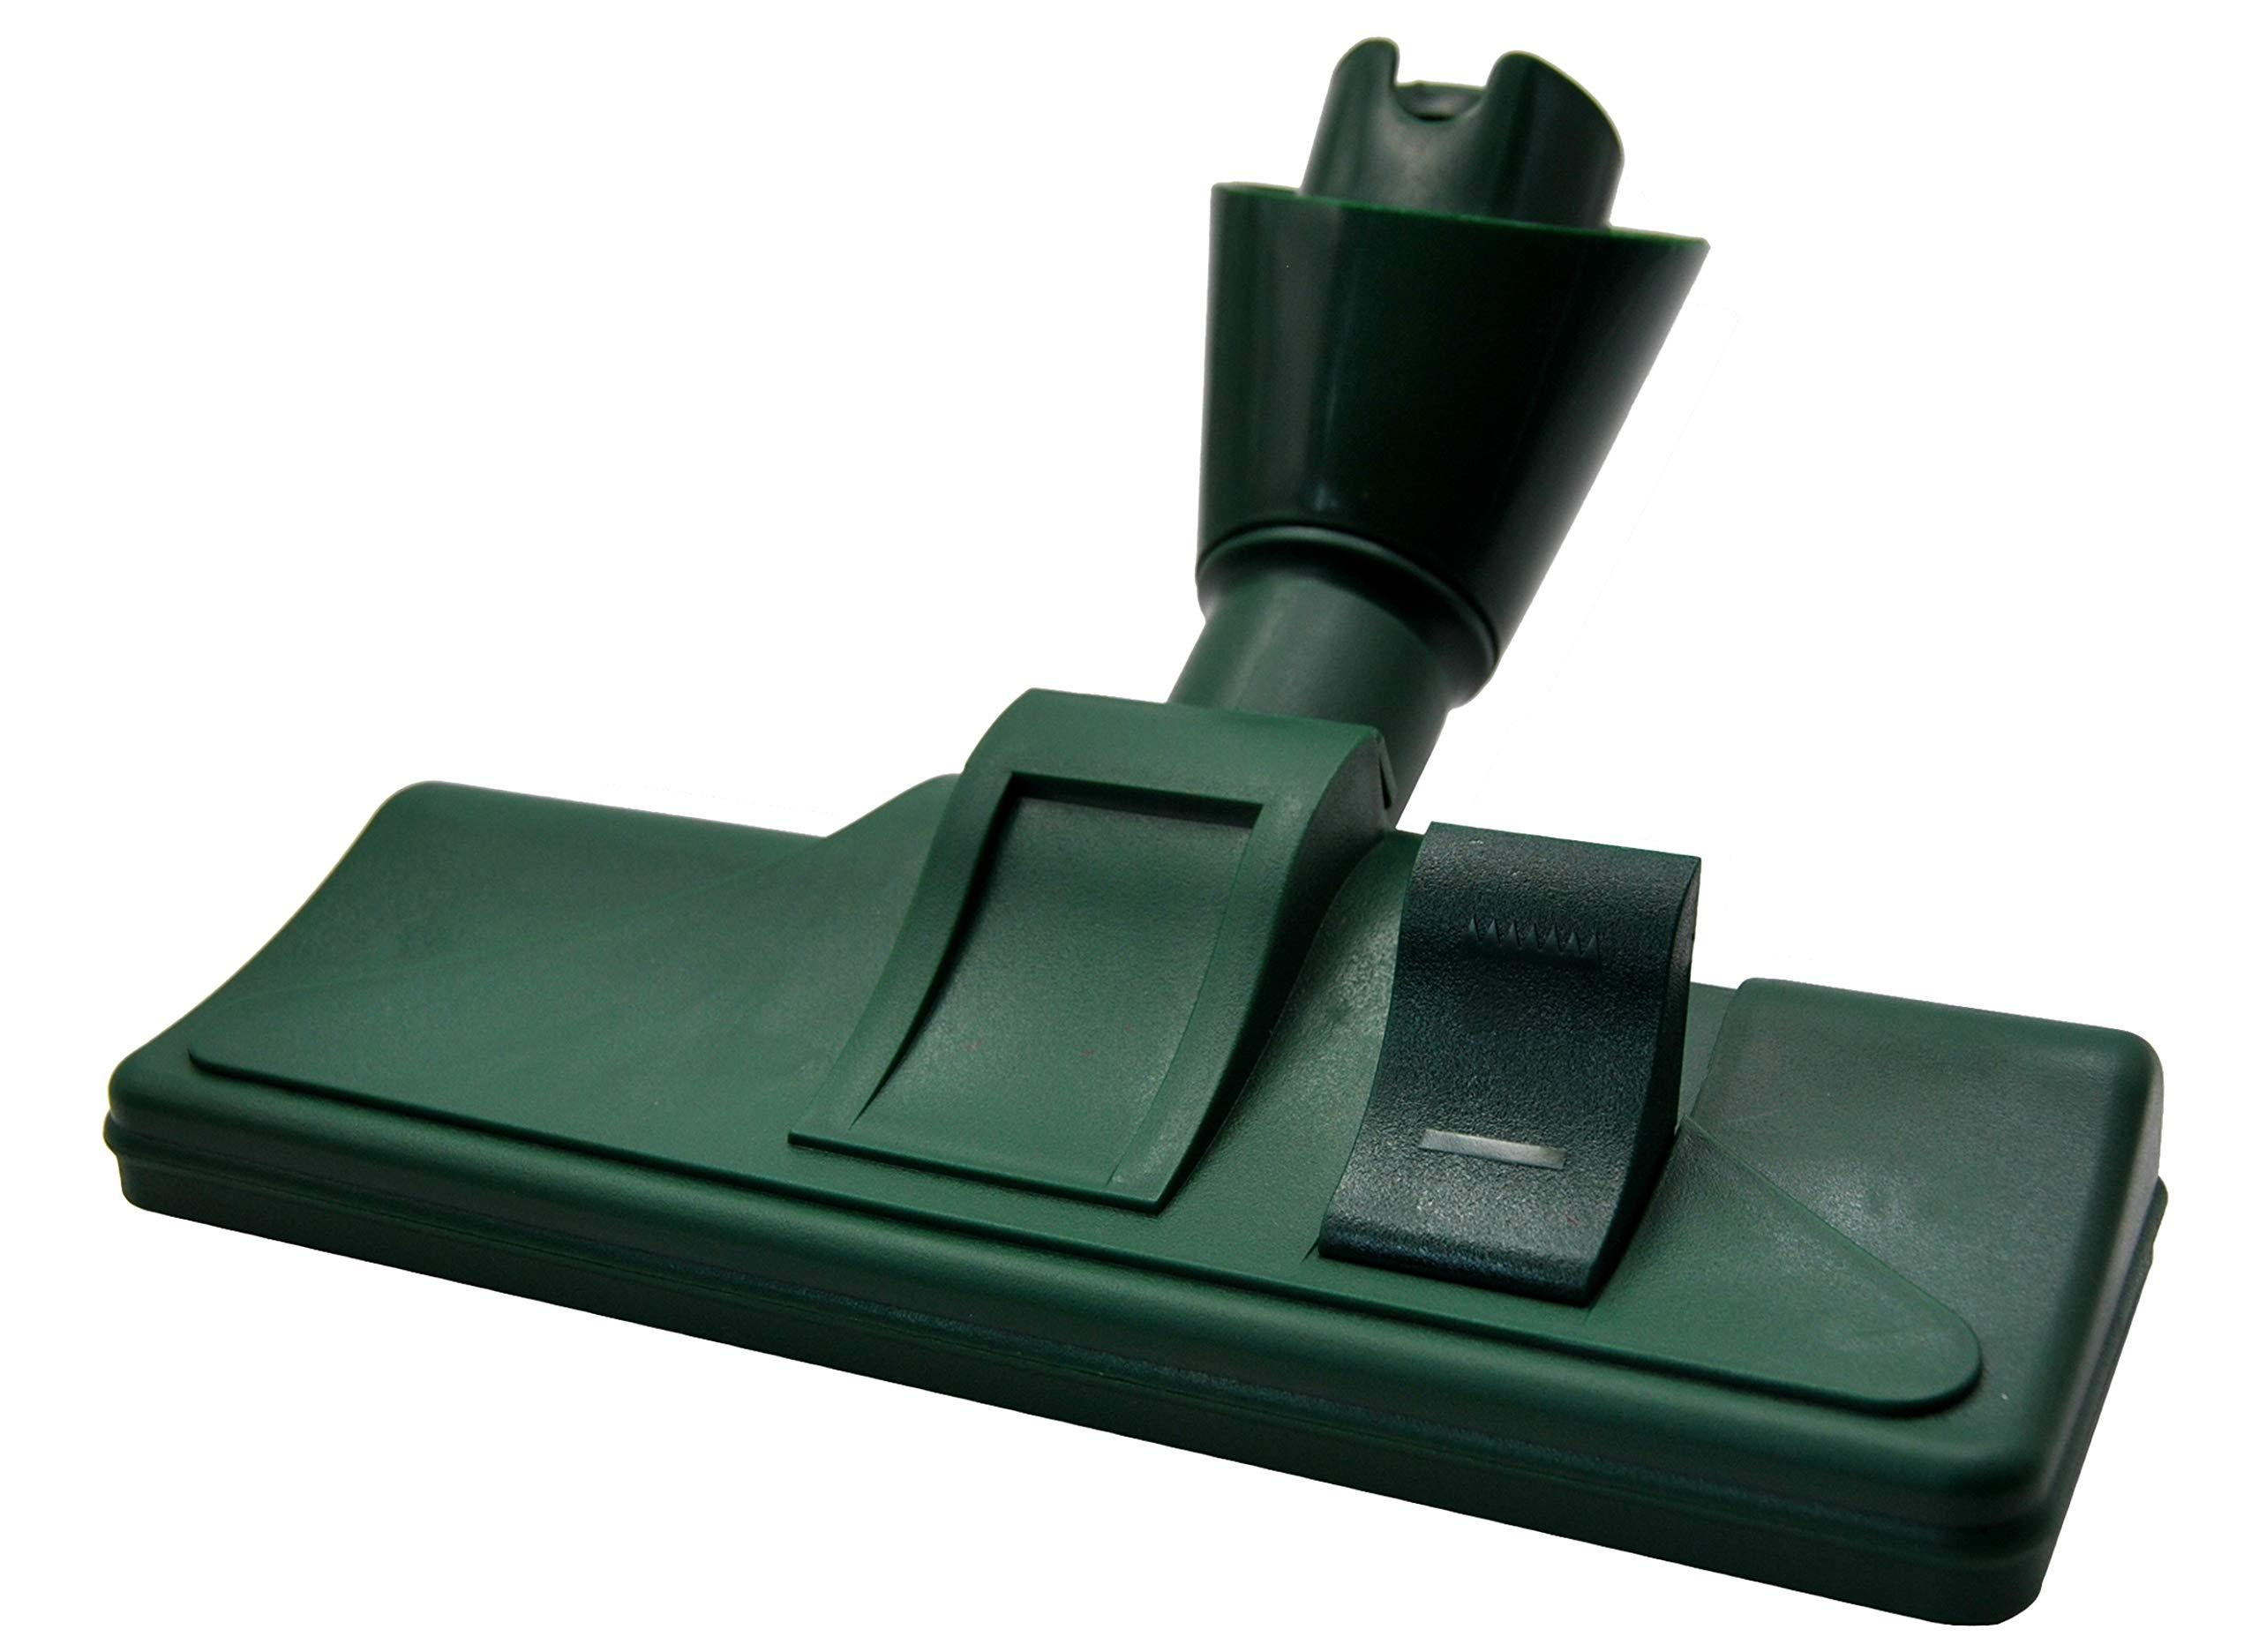 2 teile//satz Adapter Haushalt Liefert Staubsauger Teile Zubehör 32-35mm